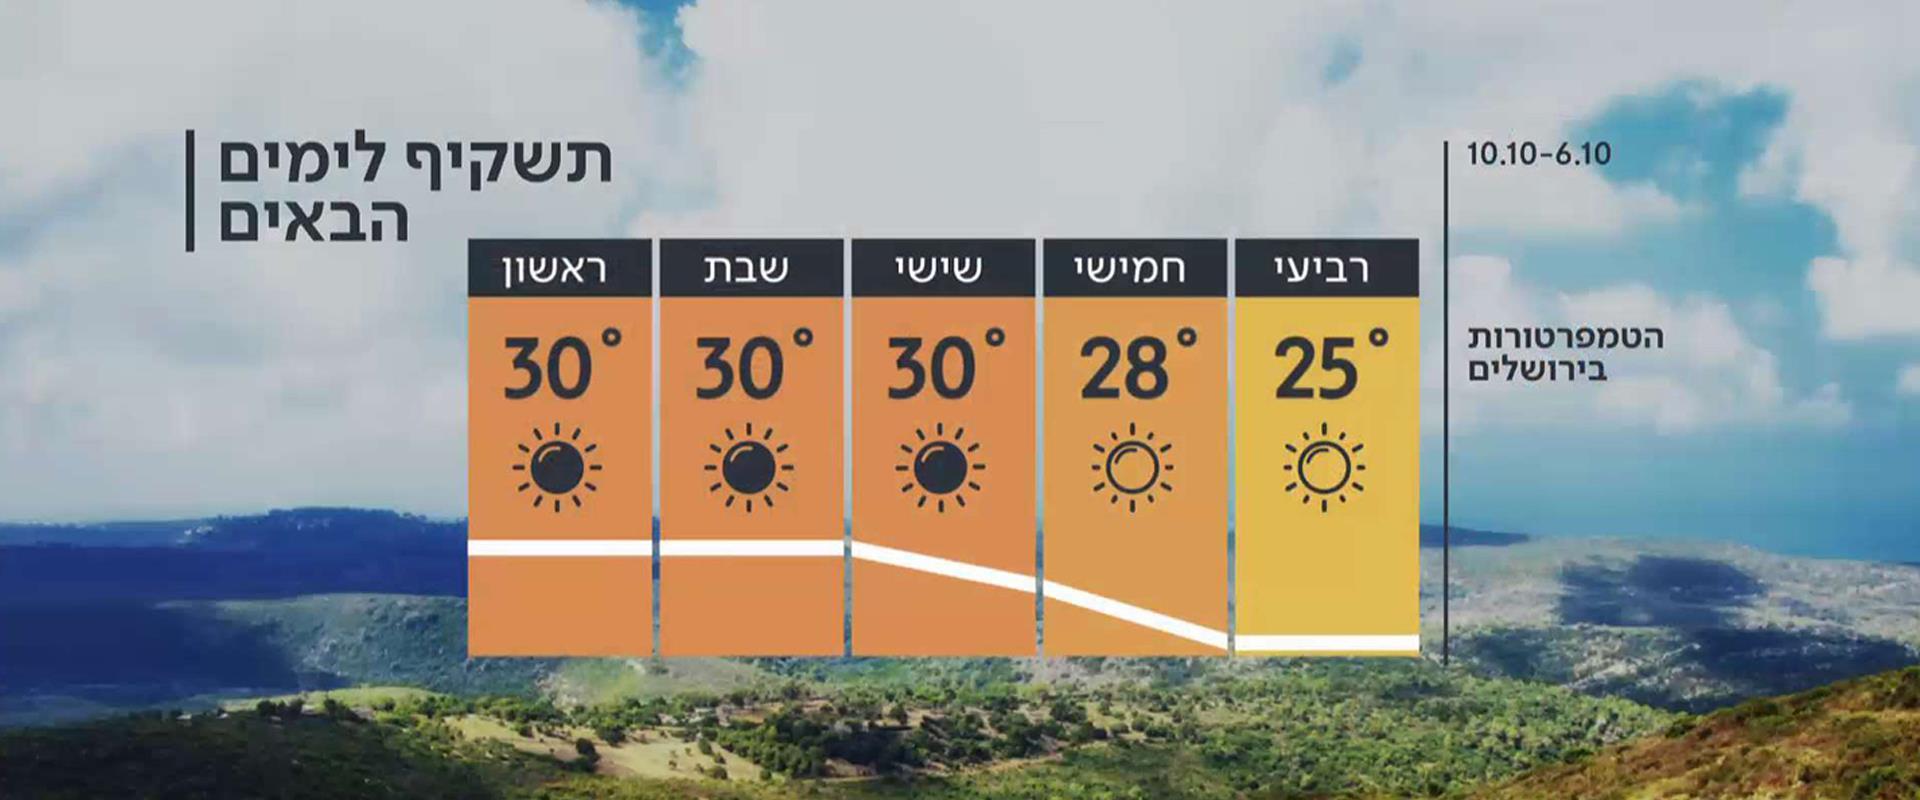 התחזית 05.10.21: לקראת התחממות בסוף השבוע